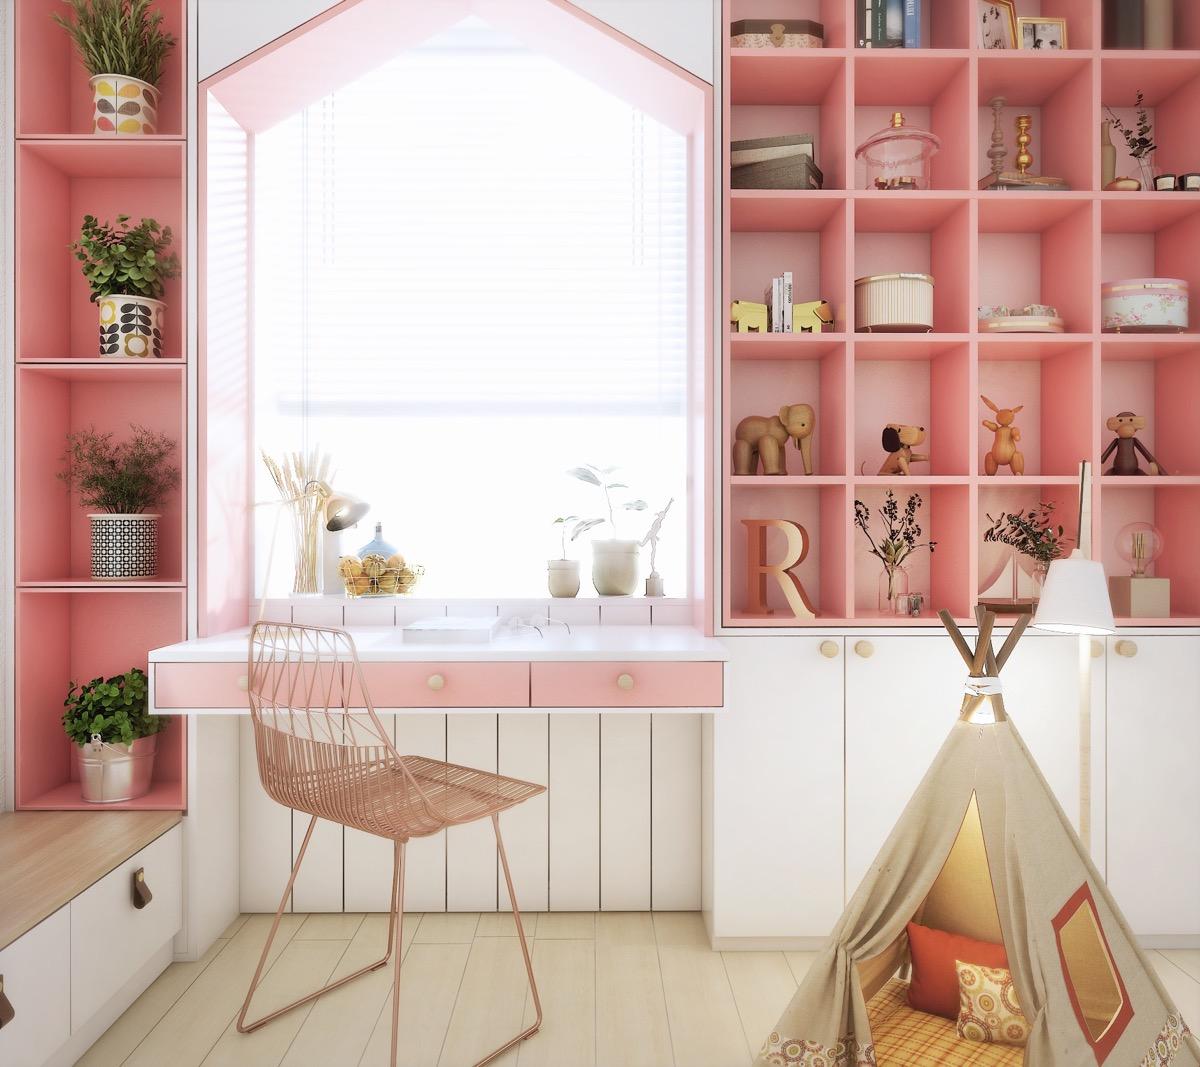 Bật mí 5 cách thiết kế phòng ngủ cho bé gái đẹp mê ly 05